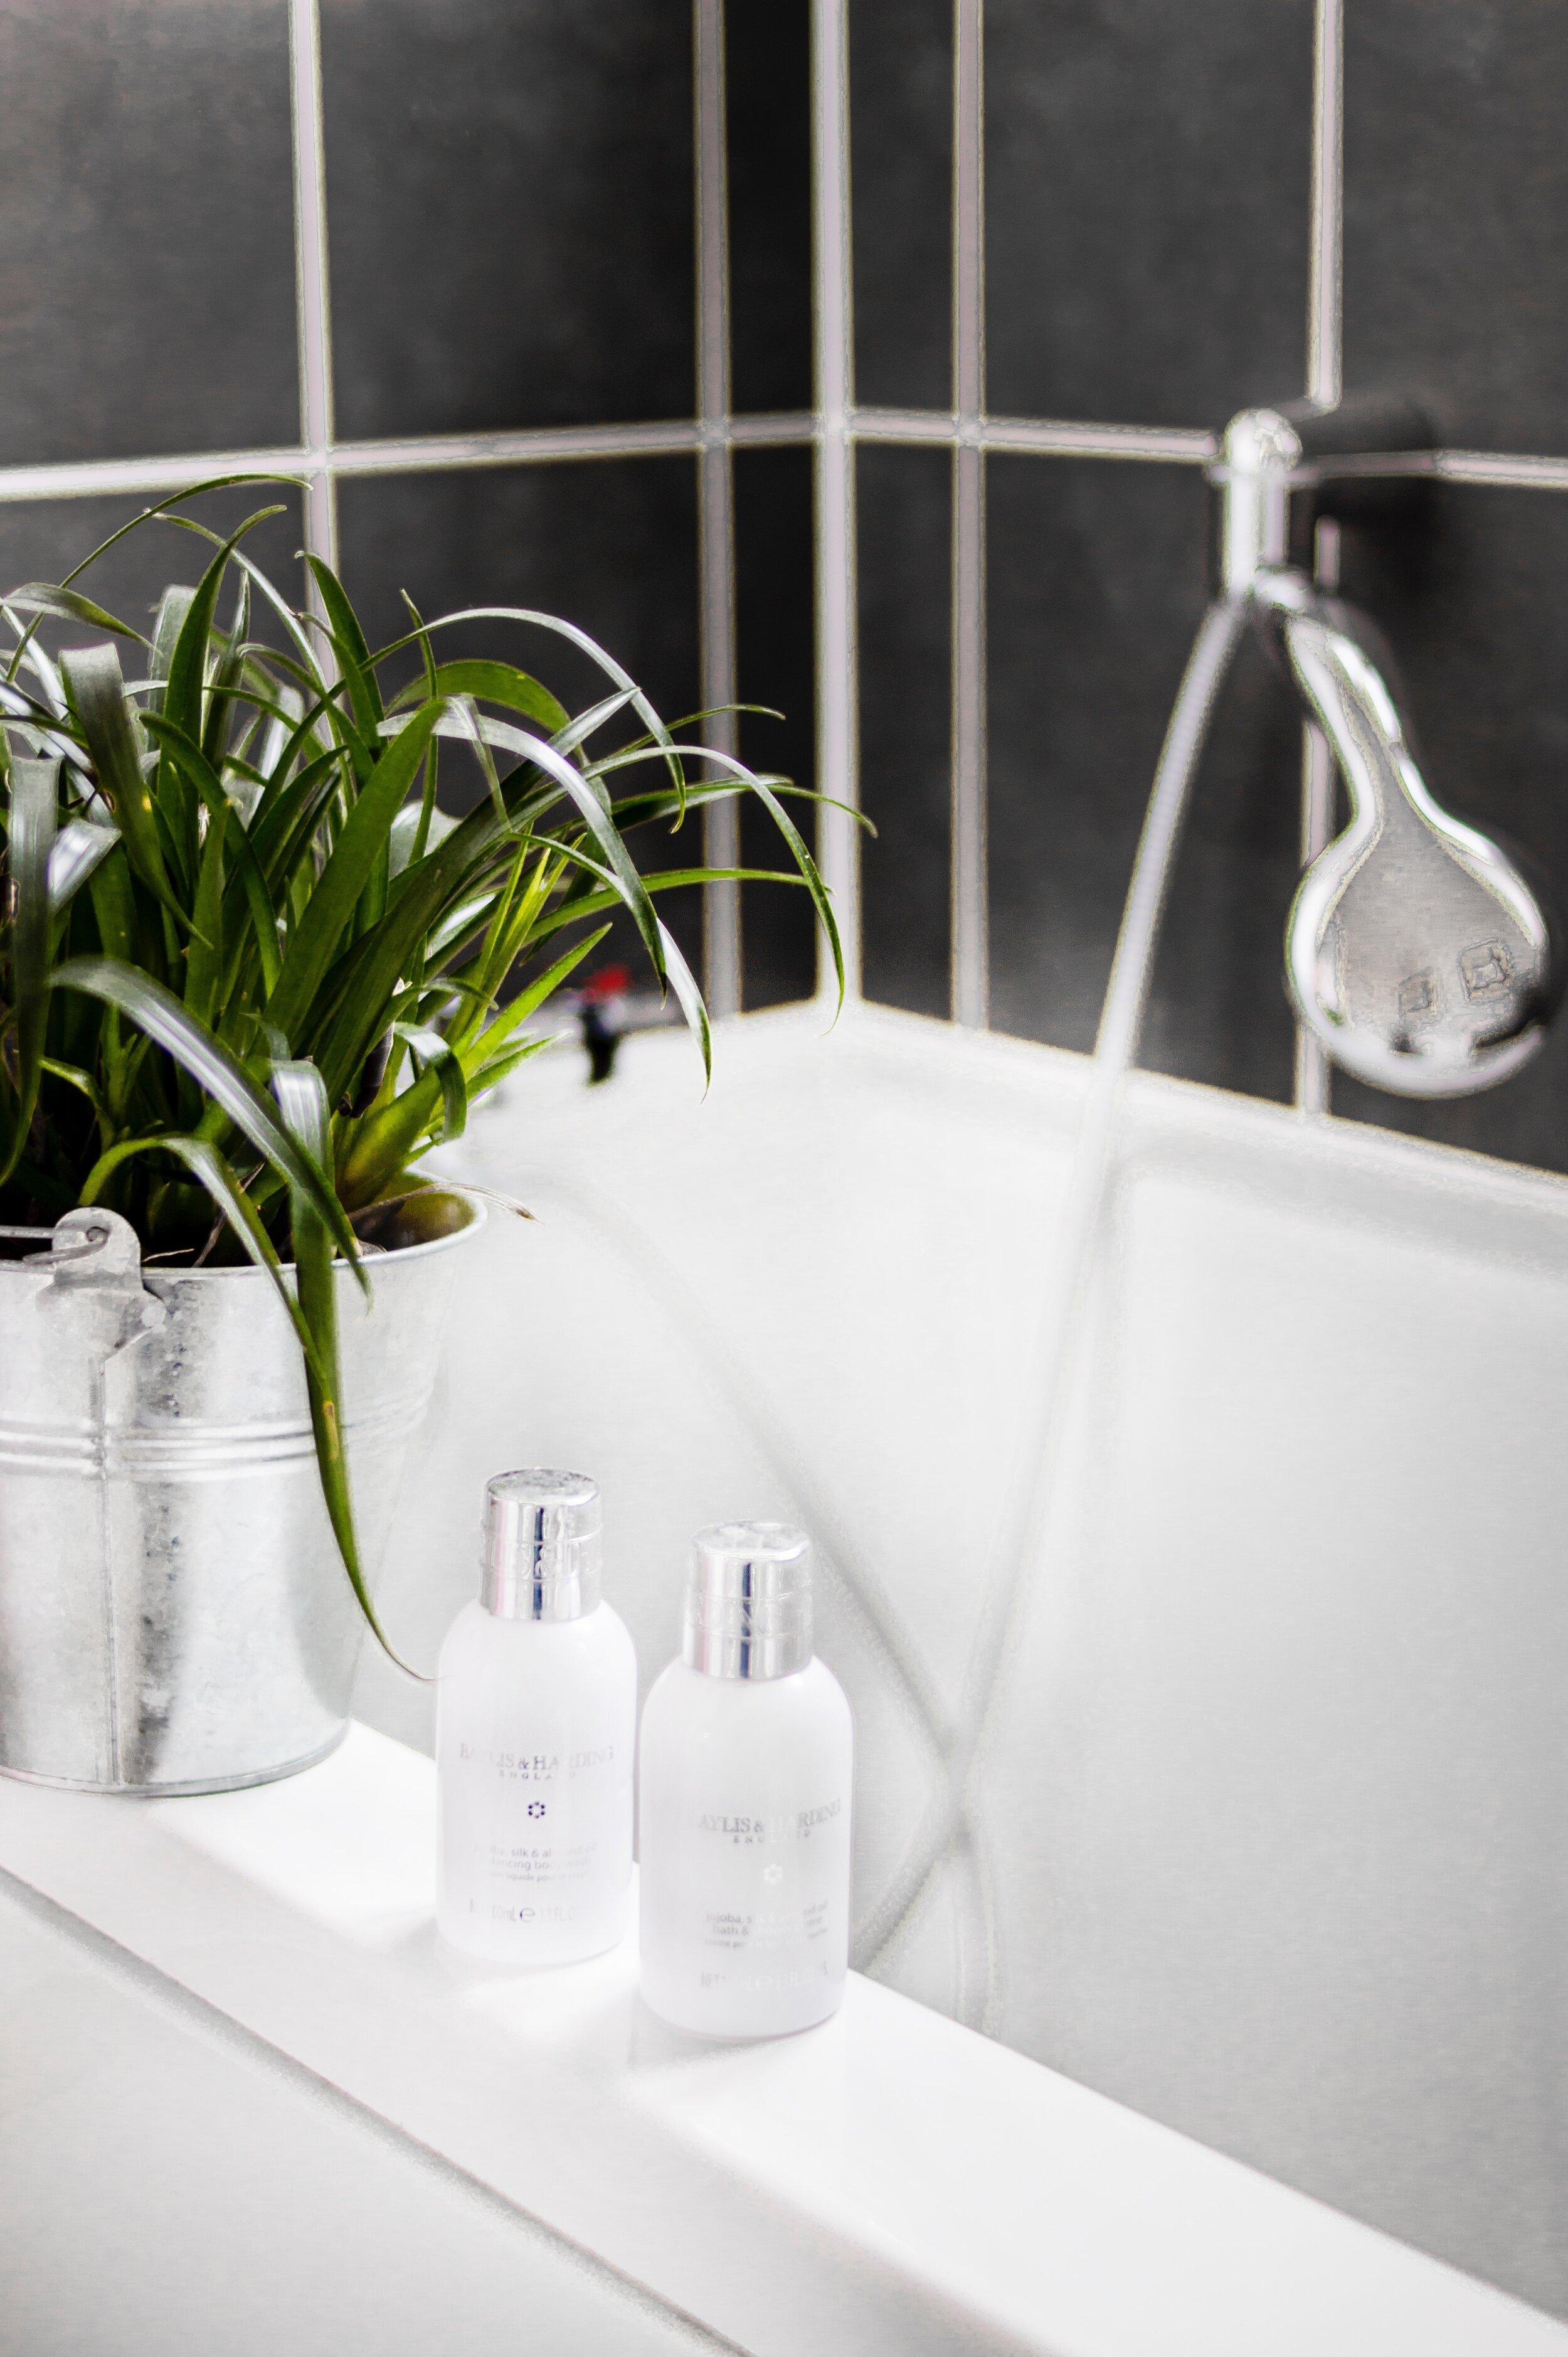 两个-白瓶- -盆栽植物-在浴缸旁边2008269.jpg